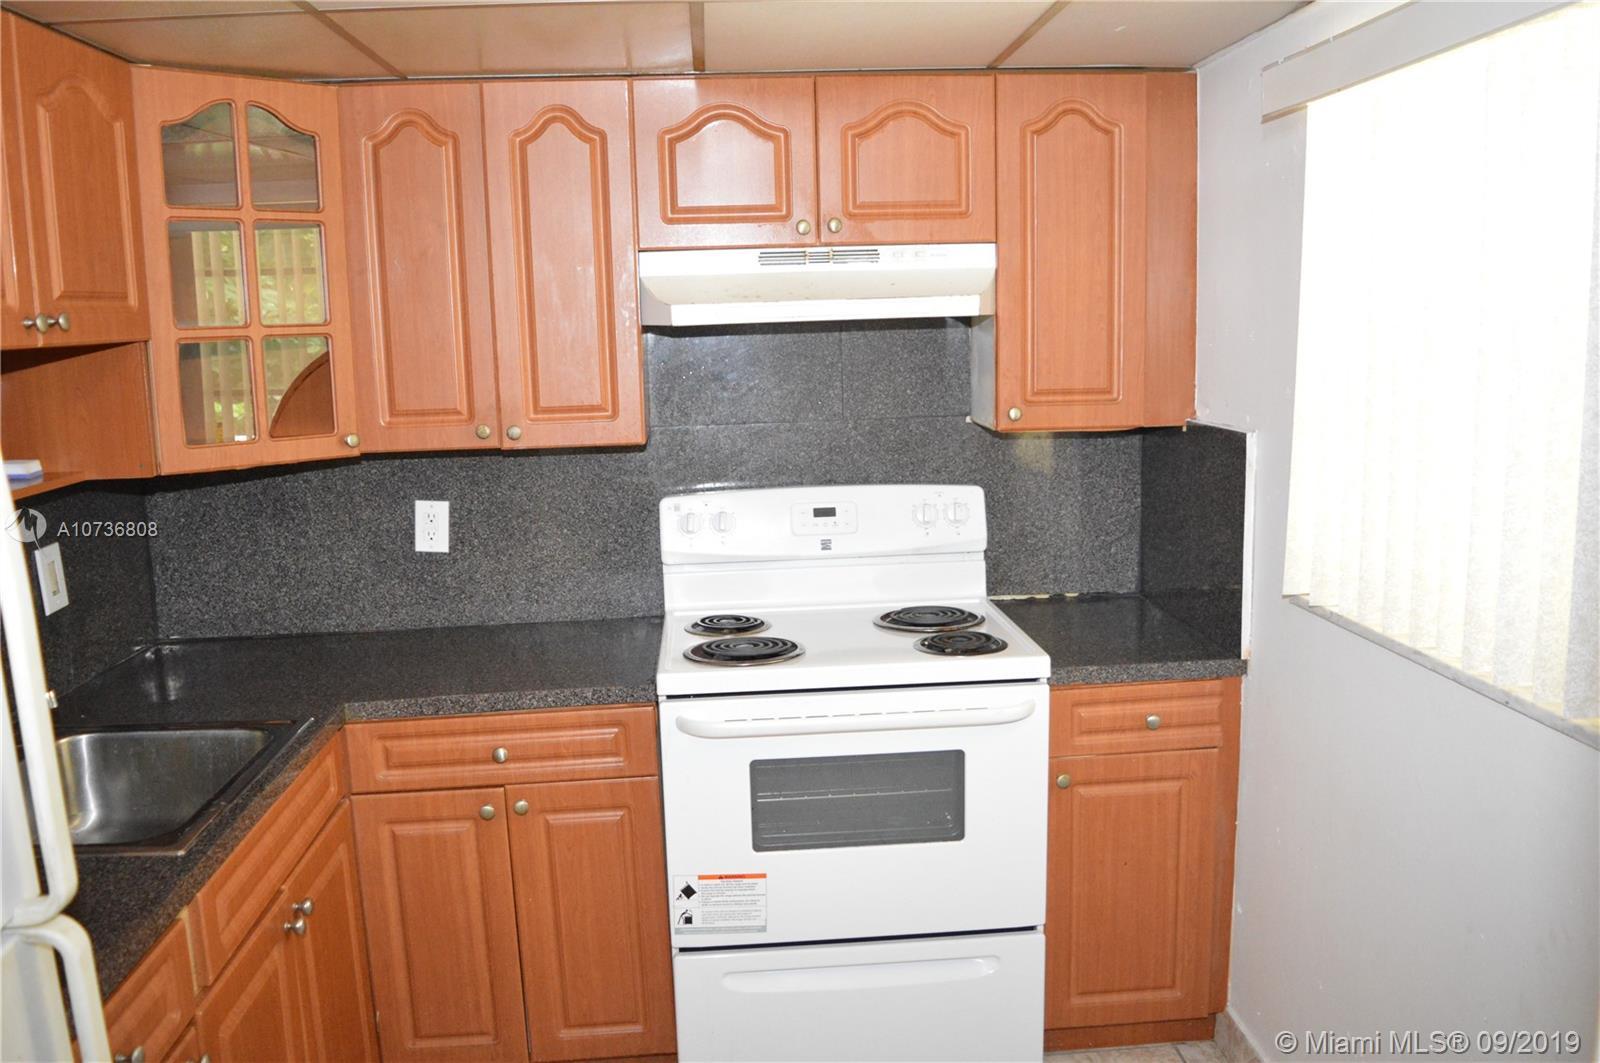 15600 NW 7th Ave #216, Miami, FL 33169 - Miami, FL real estate listing